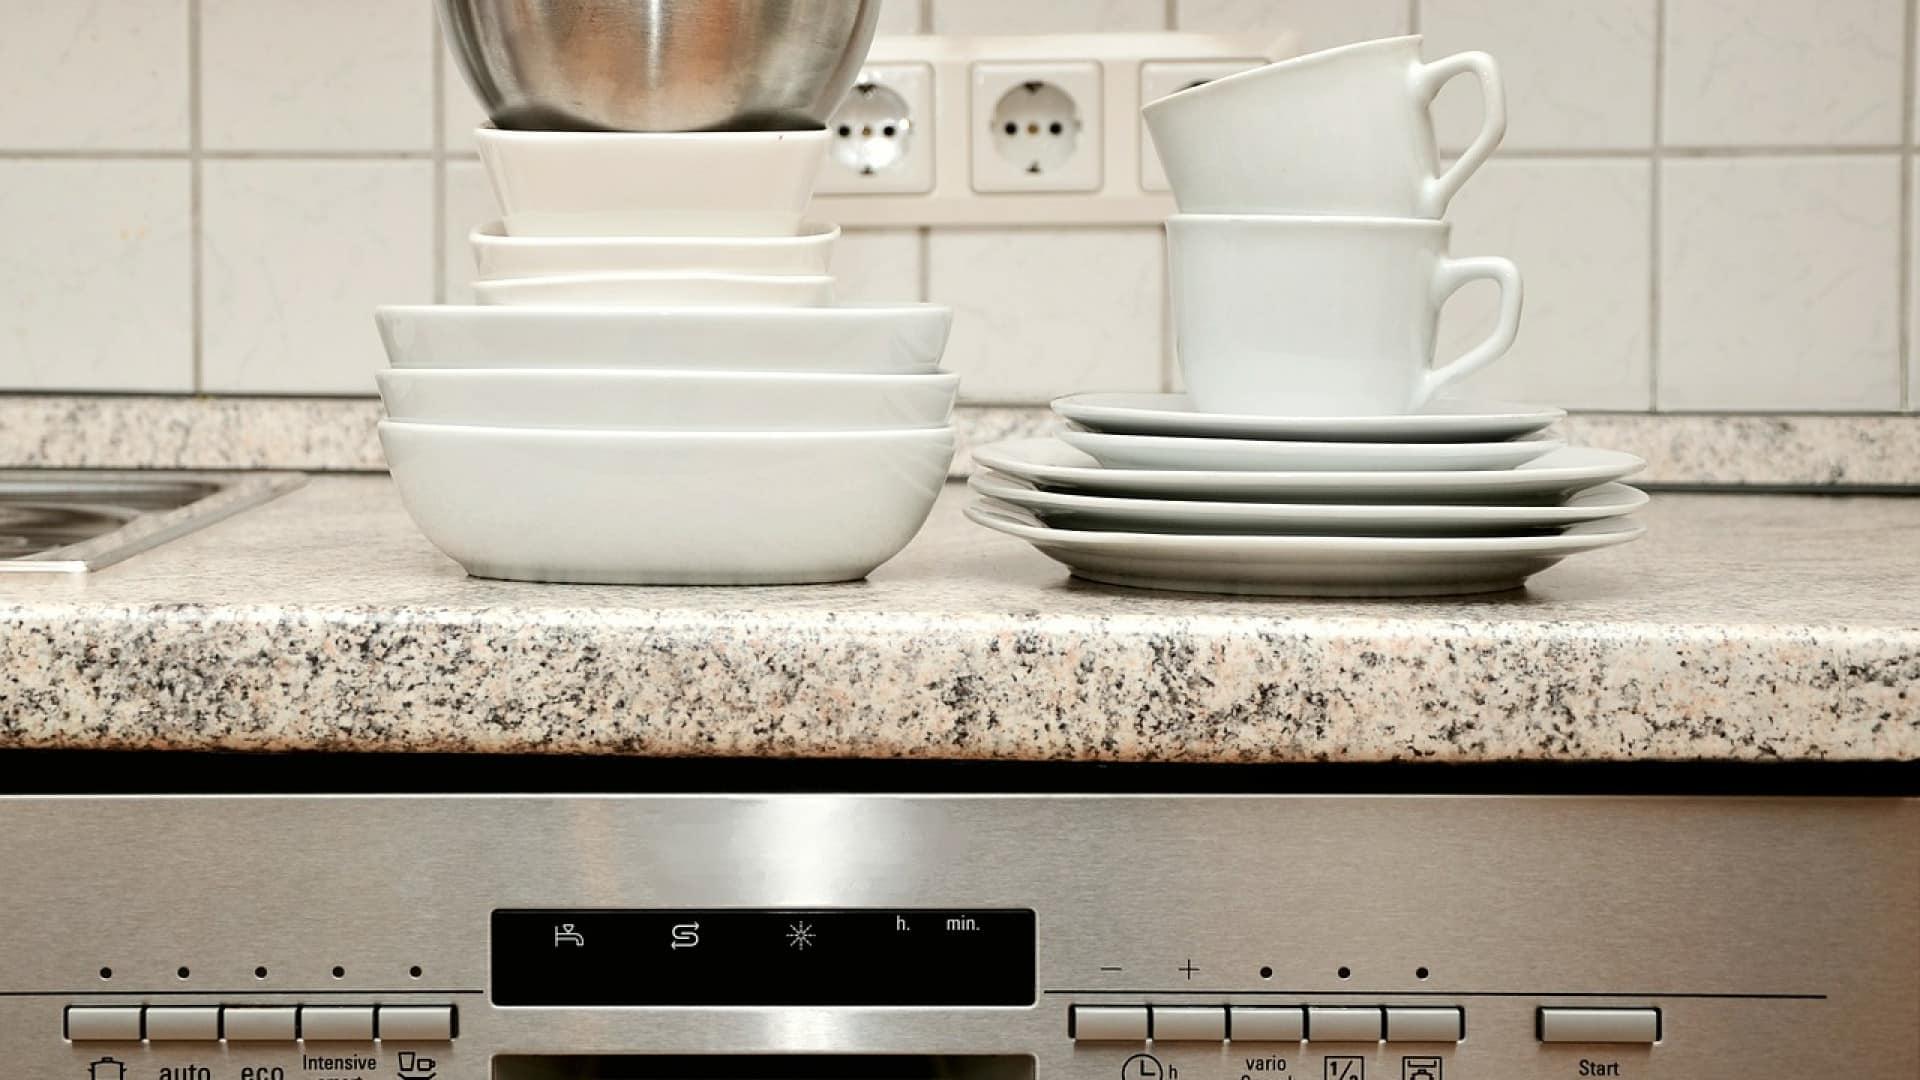 Comment débarrasser un lave-vaisselle professionnel du tartre ?